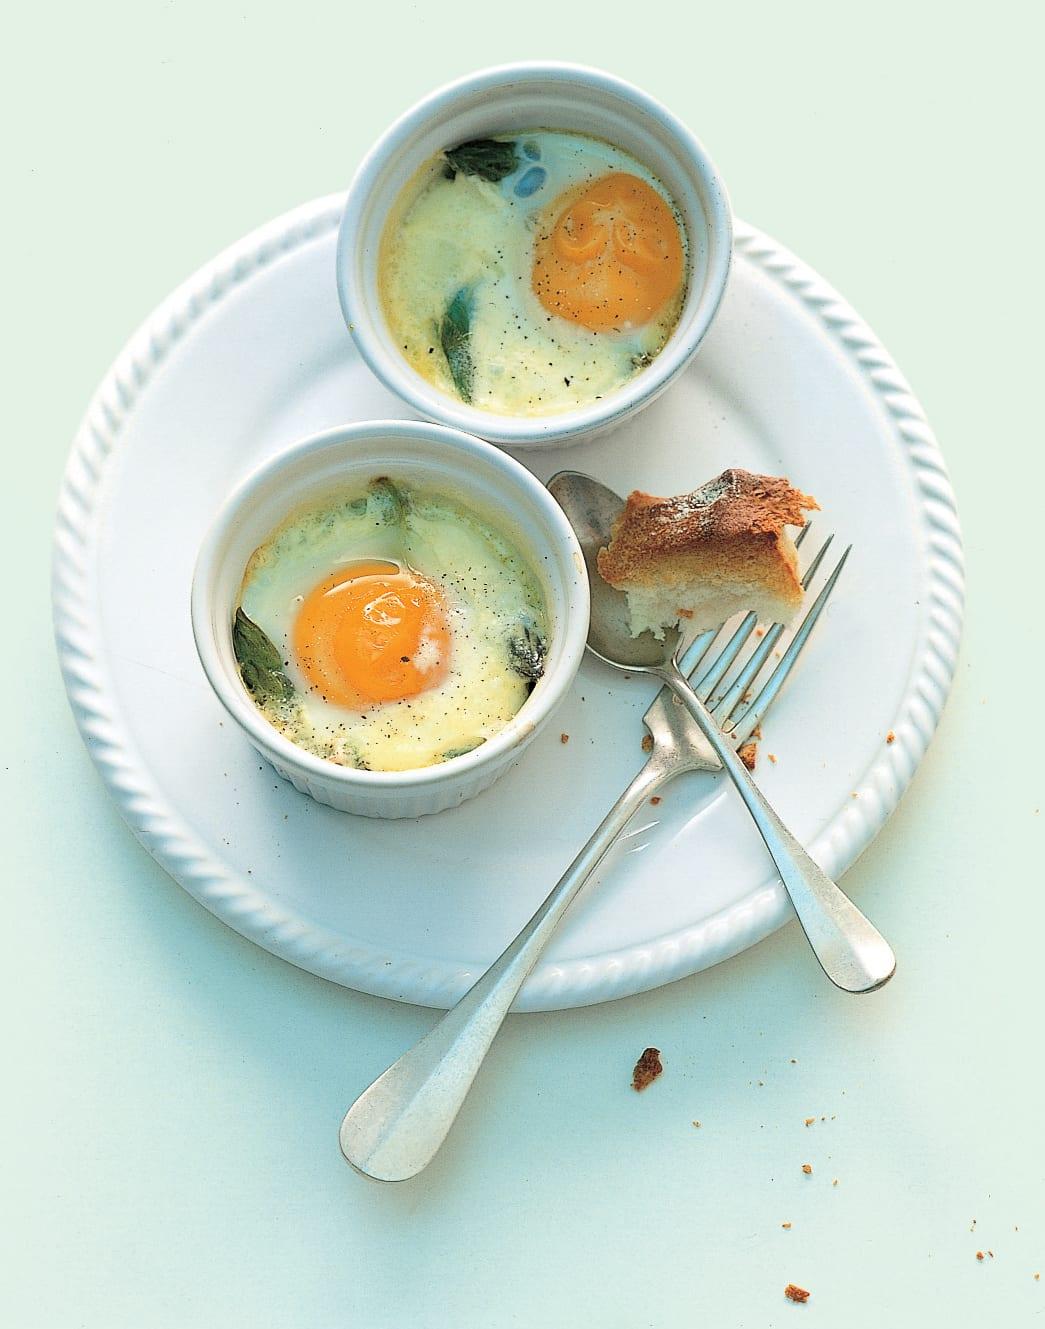 Ei und Spargeln im Töpfchen